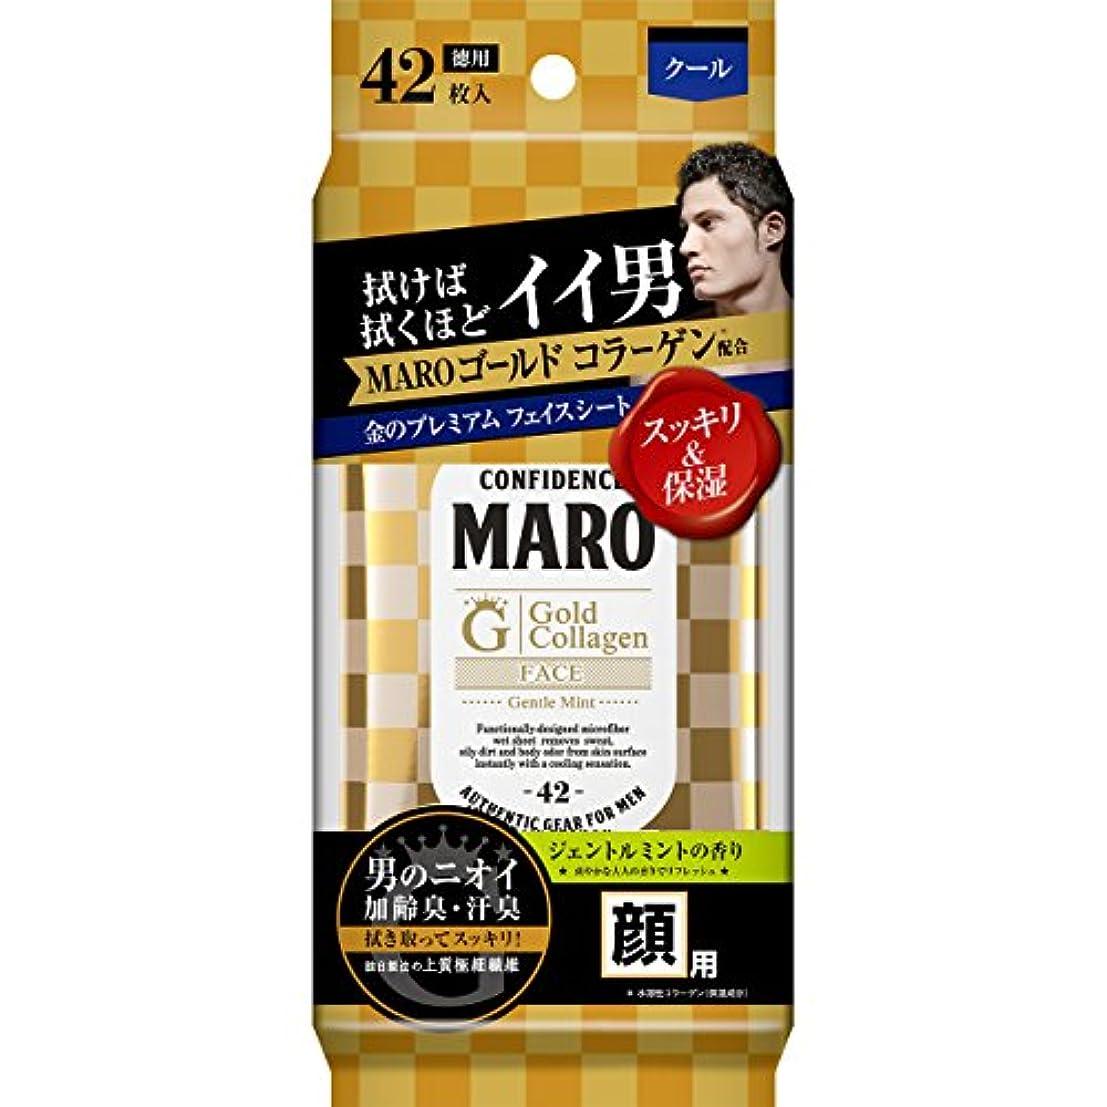 警告するどれか消すMARO プレミアム フェイスシート GOLD ジェントルミントの香り 42枚入